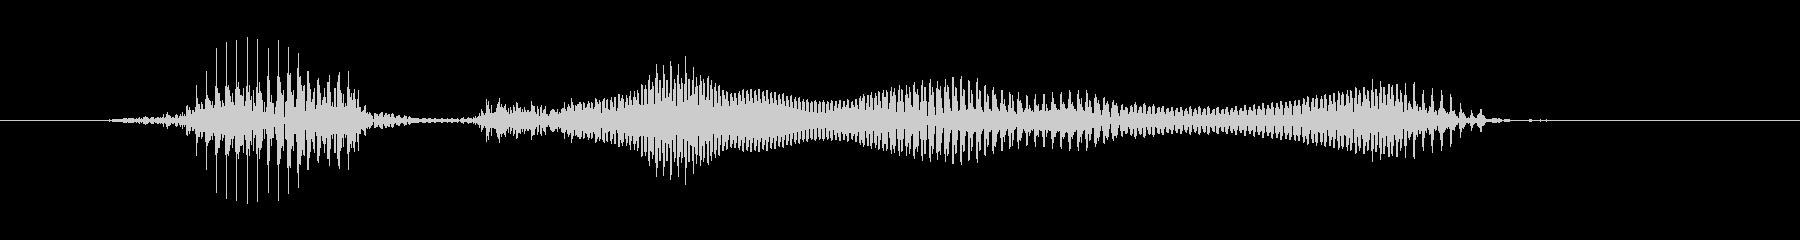 はじめにの未再生の波形